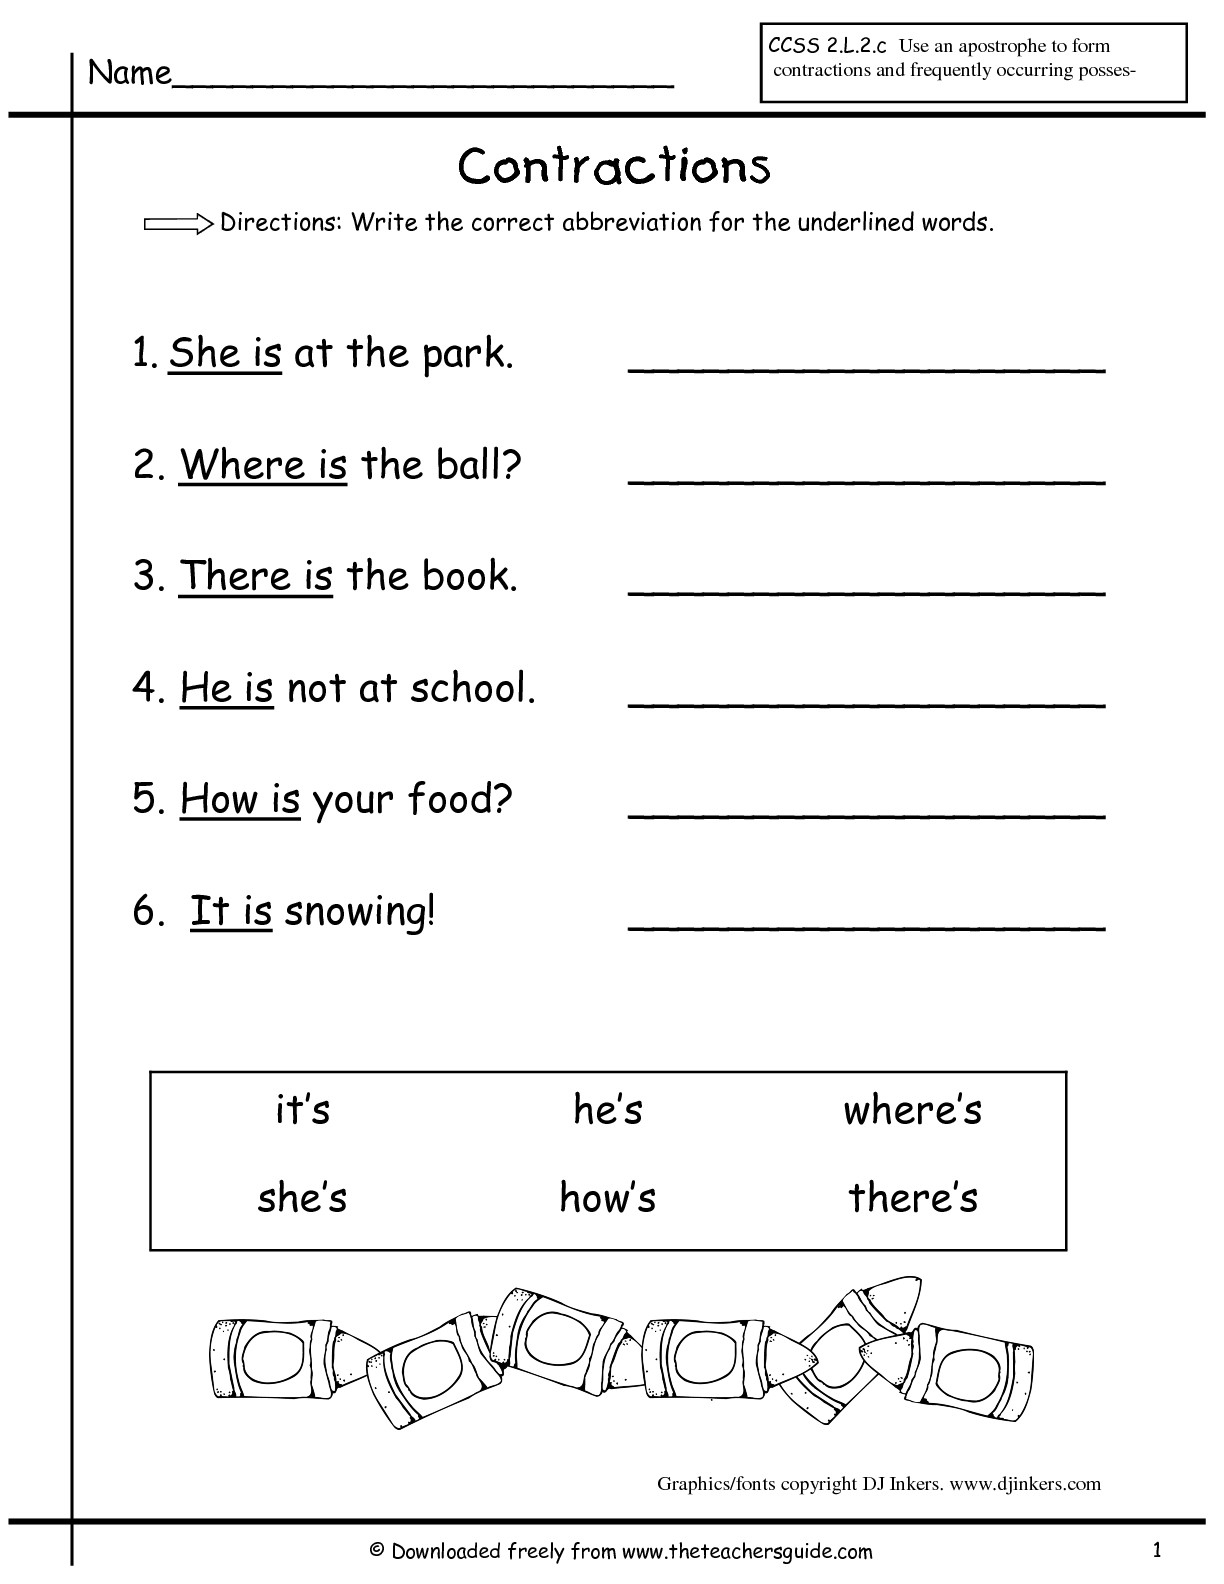 Printables. Social Studies Worksheets For 1St Grade - Social Studies Worksheets First Grade Free Printable